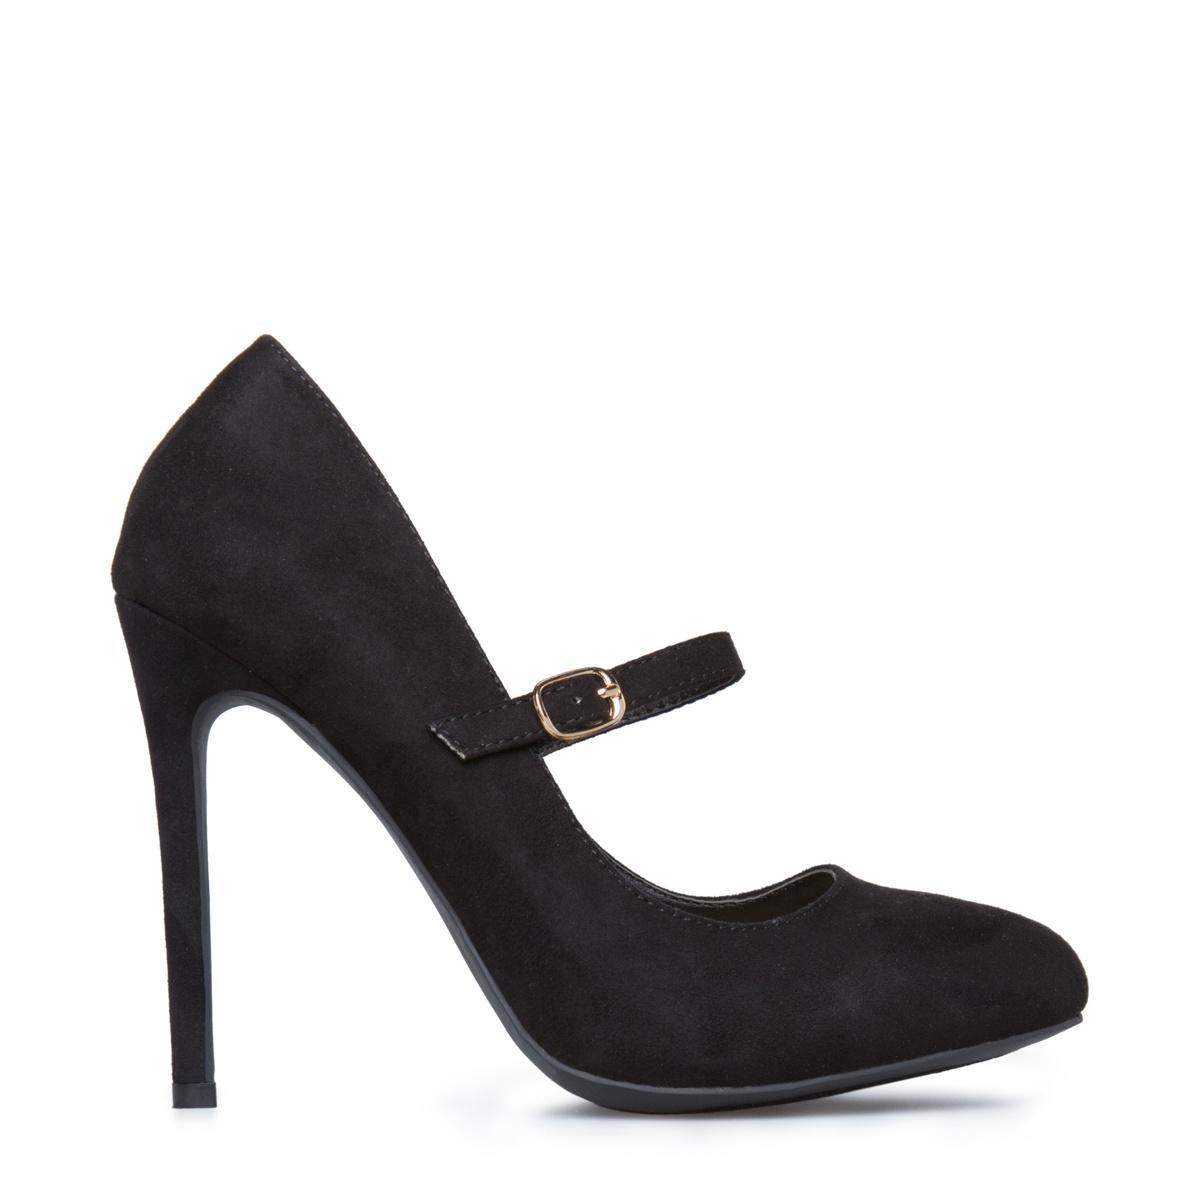 Women's Pumps, Discount Designer Shoes, Cheap Stiletto Pumps ...